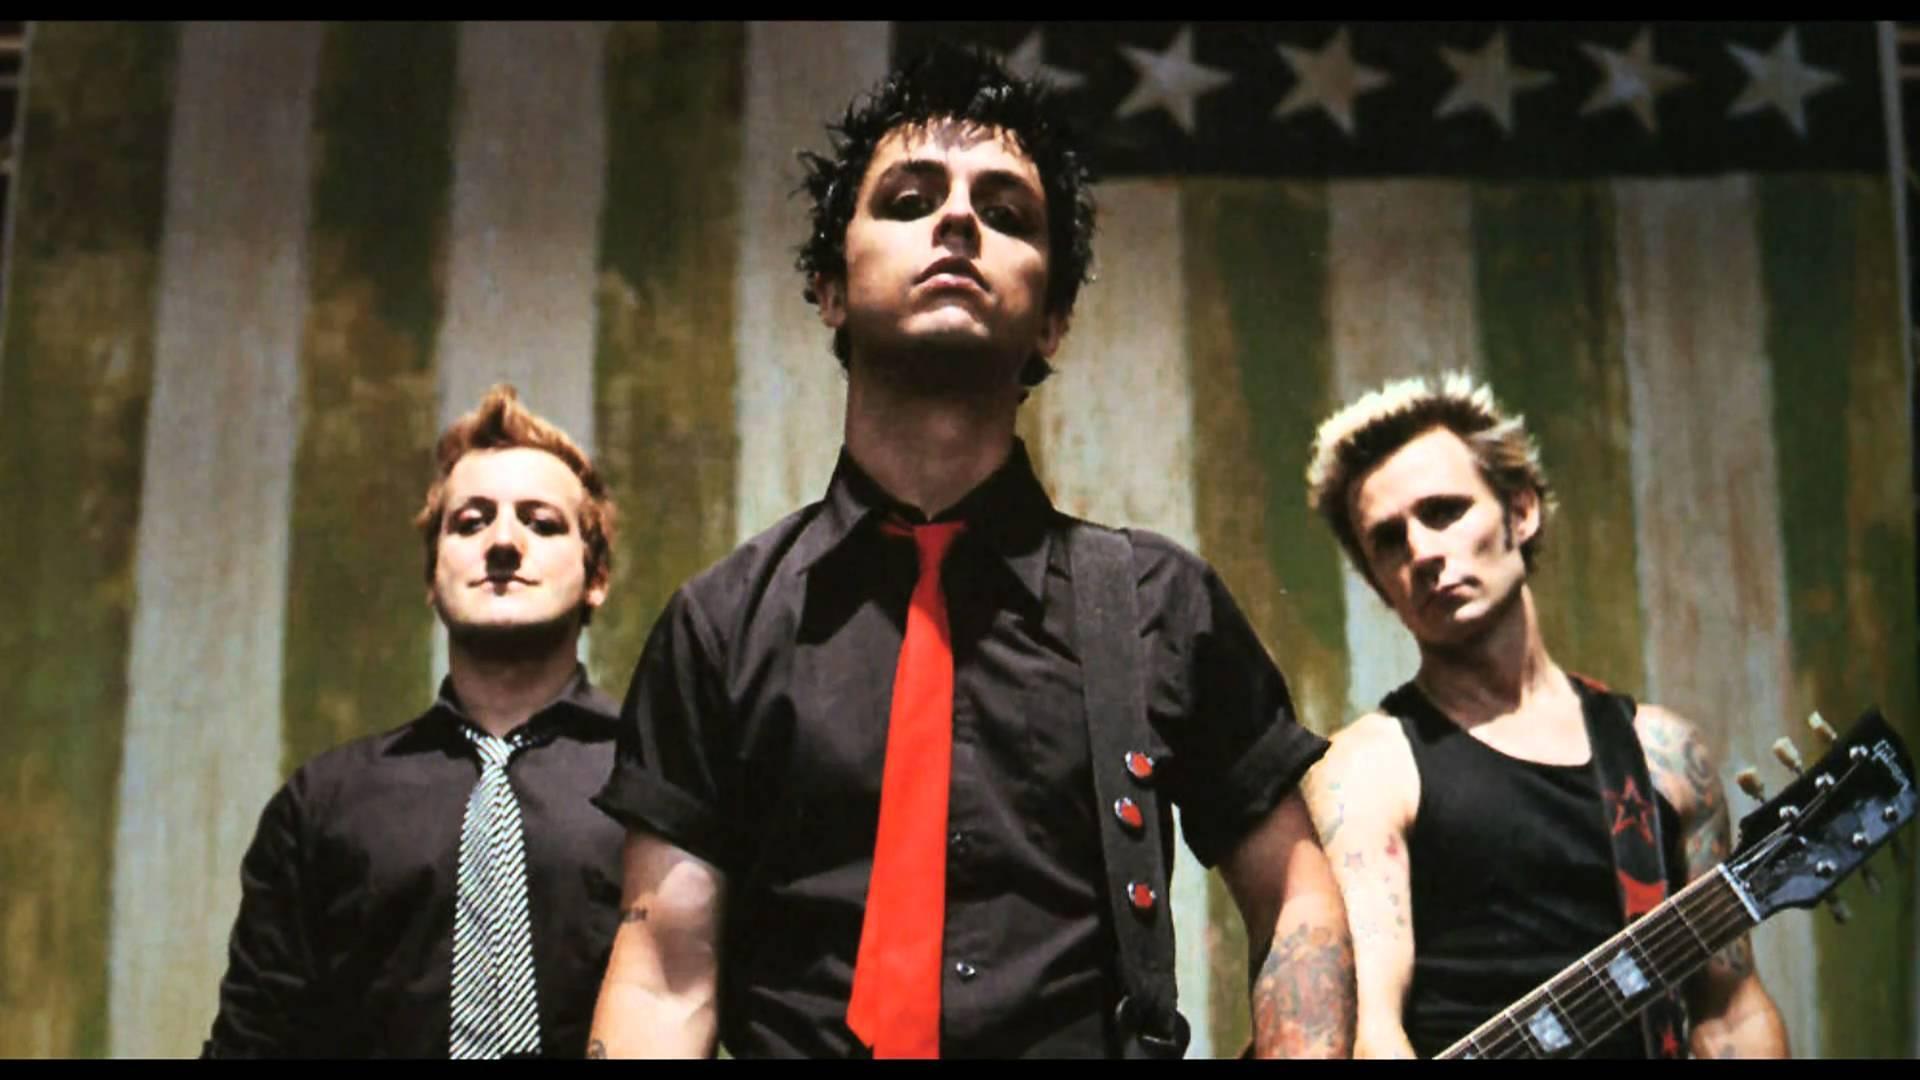 El álbum 'American Idiot' de Green Day será película